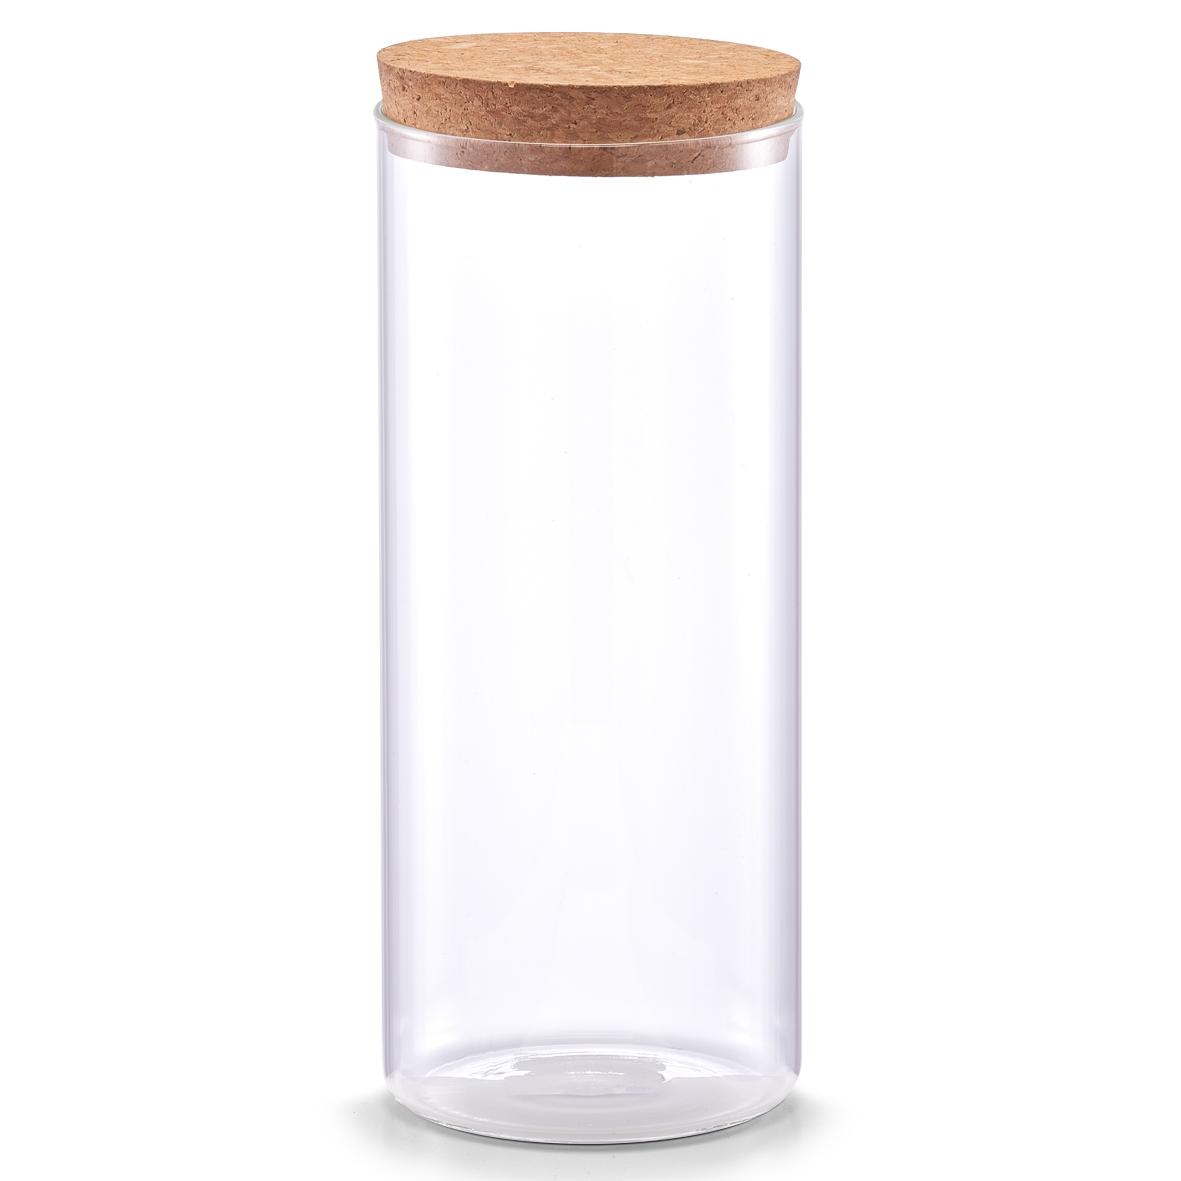 Borcan pentru depozitare cu capac din pluta, Transparent Glass C, 1400 ml, Ø 9,5xH23,5 cm poza